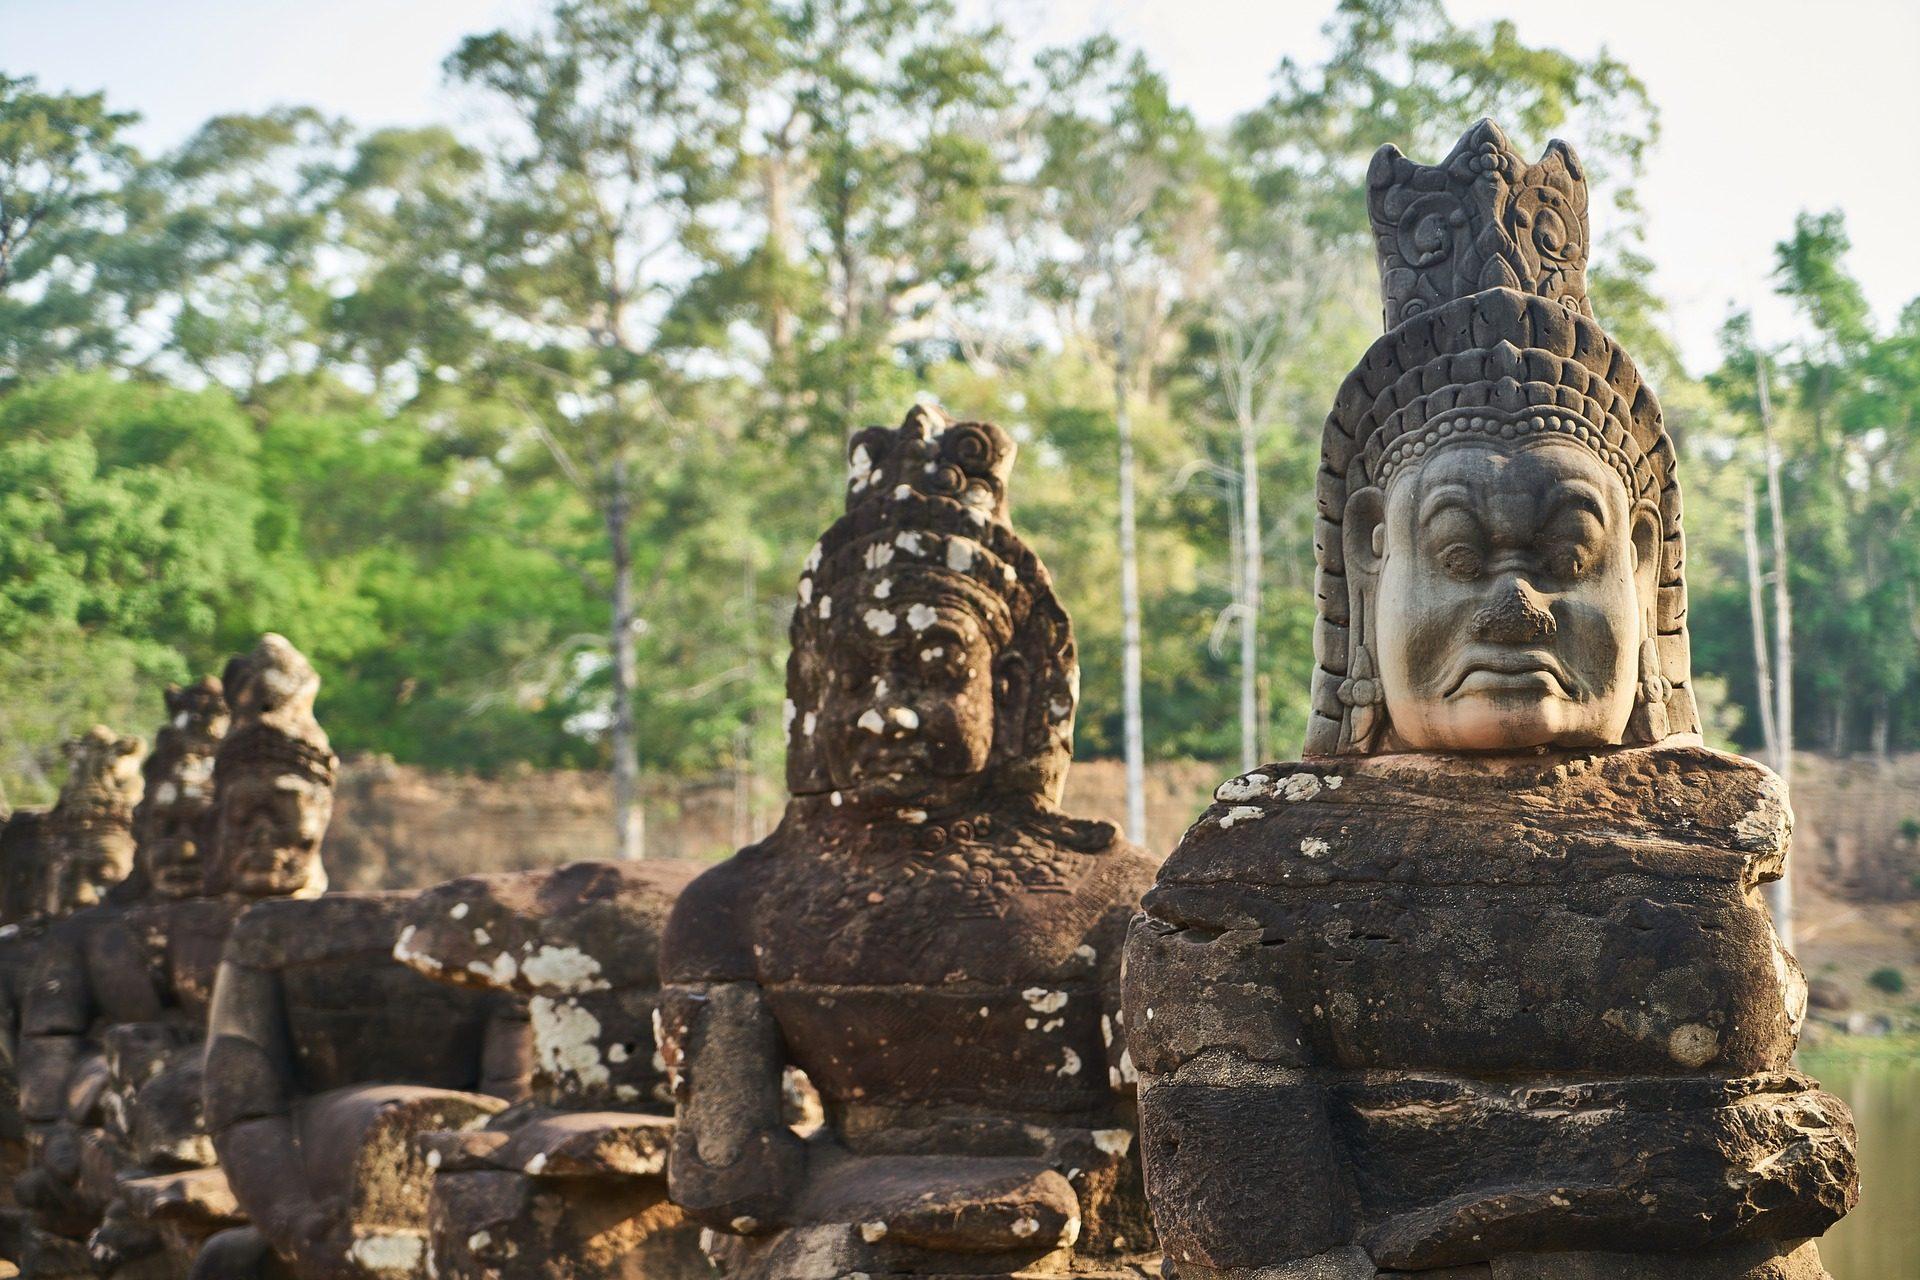 雕塑, 雕像, 石头, 佛教, 宗教 - 高清壁纸 - 教授-falken.com